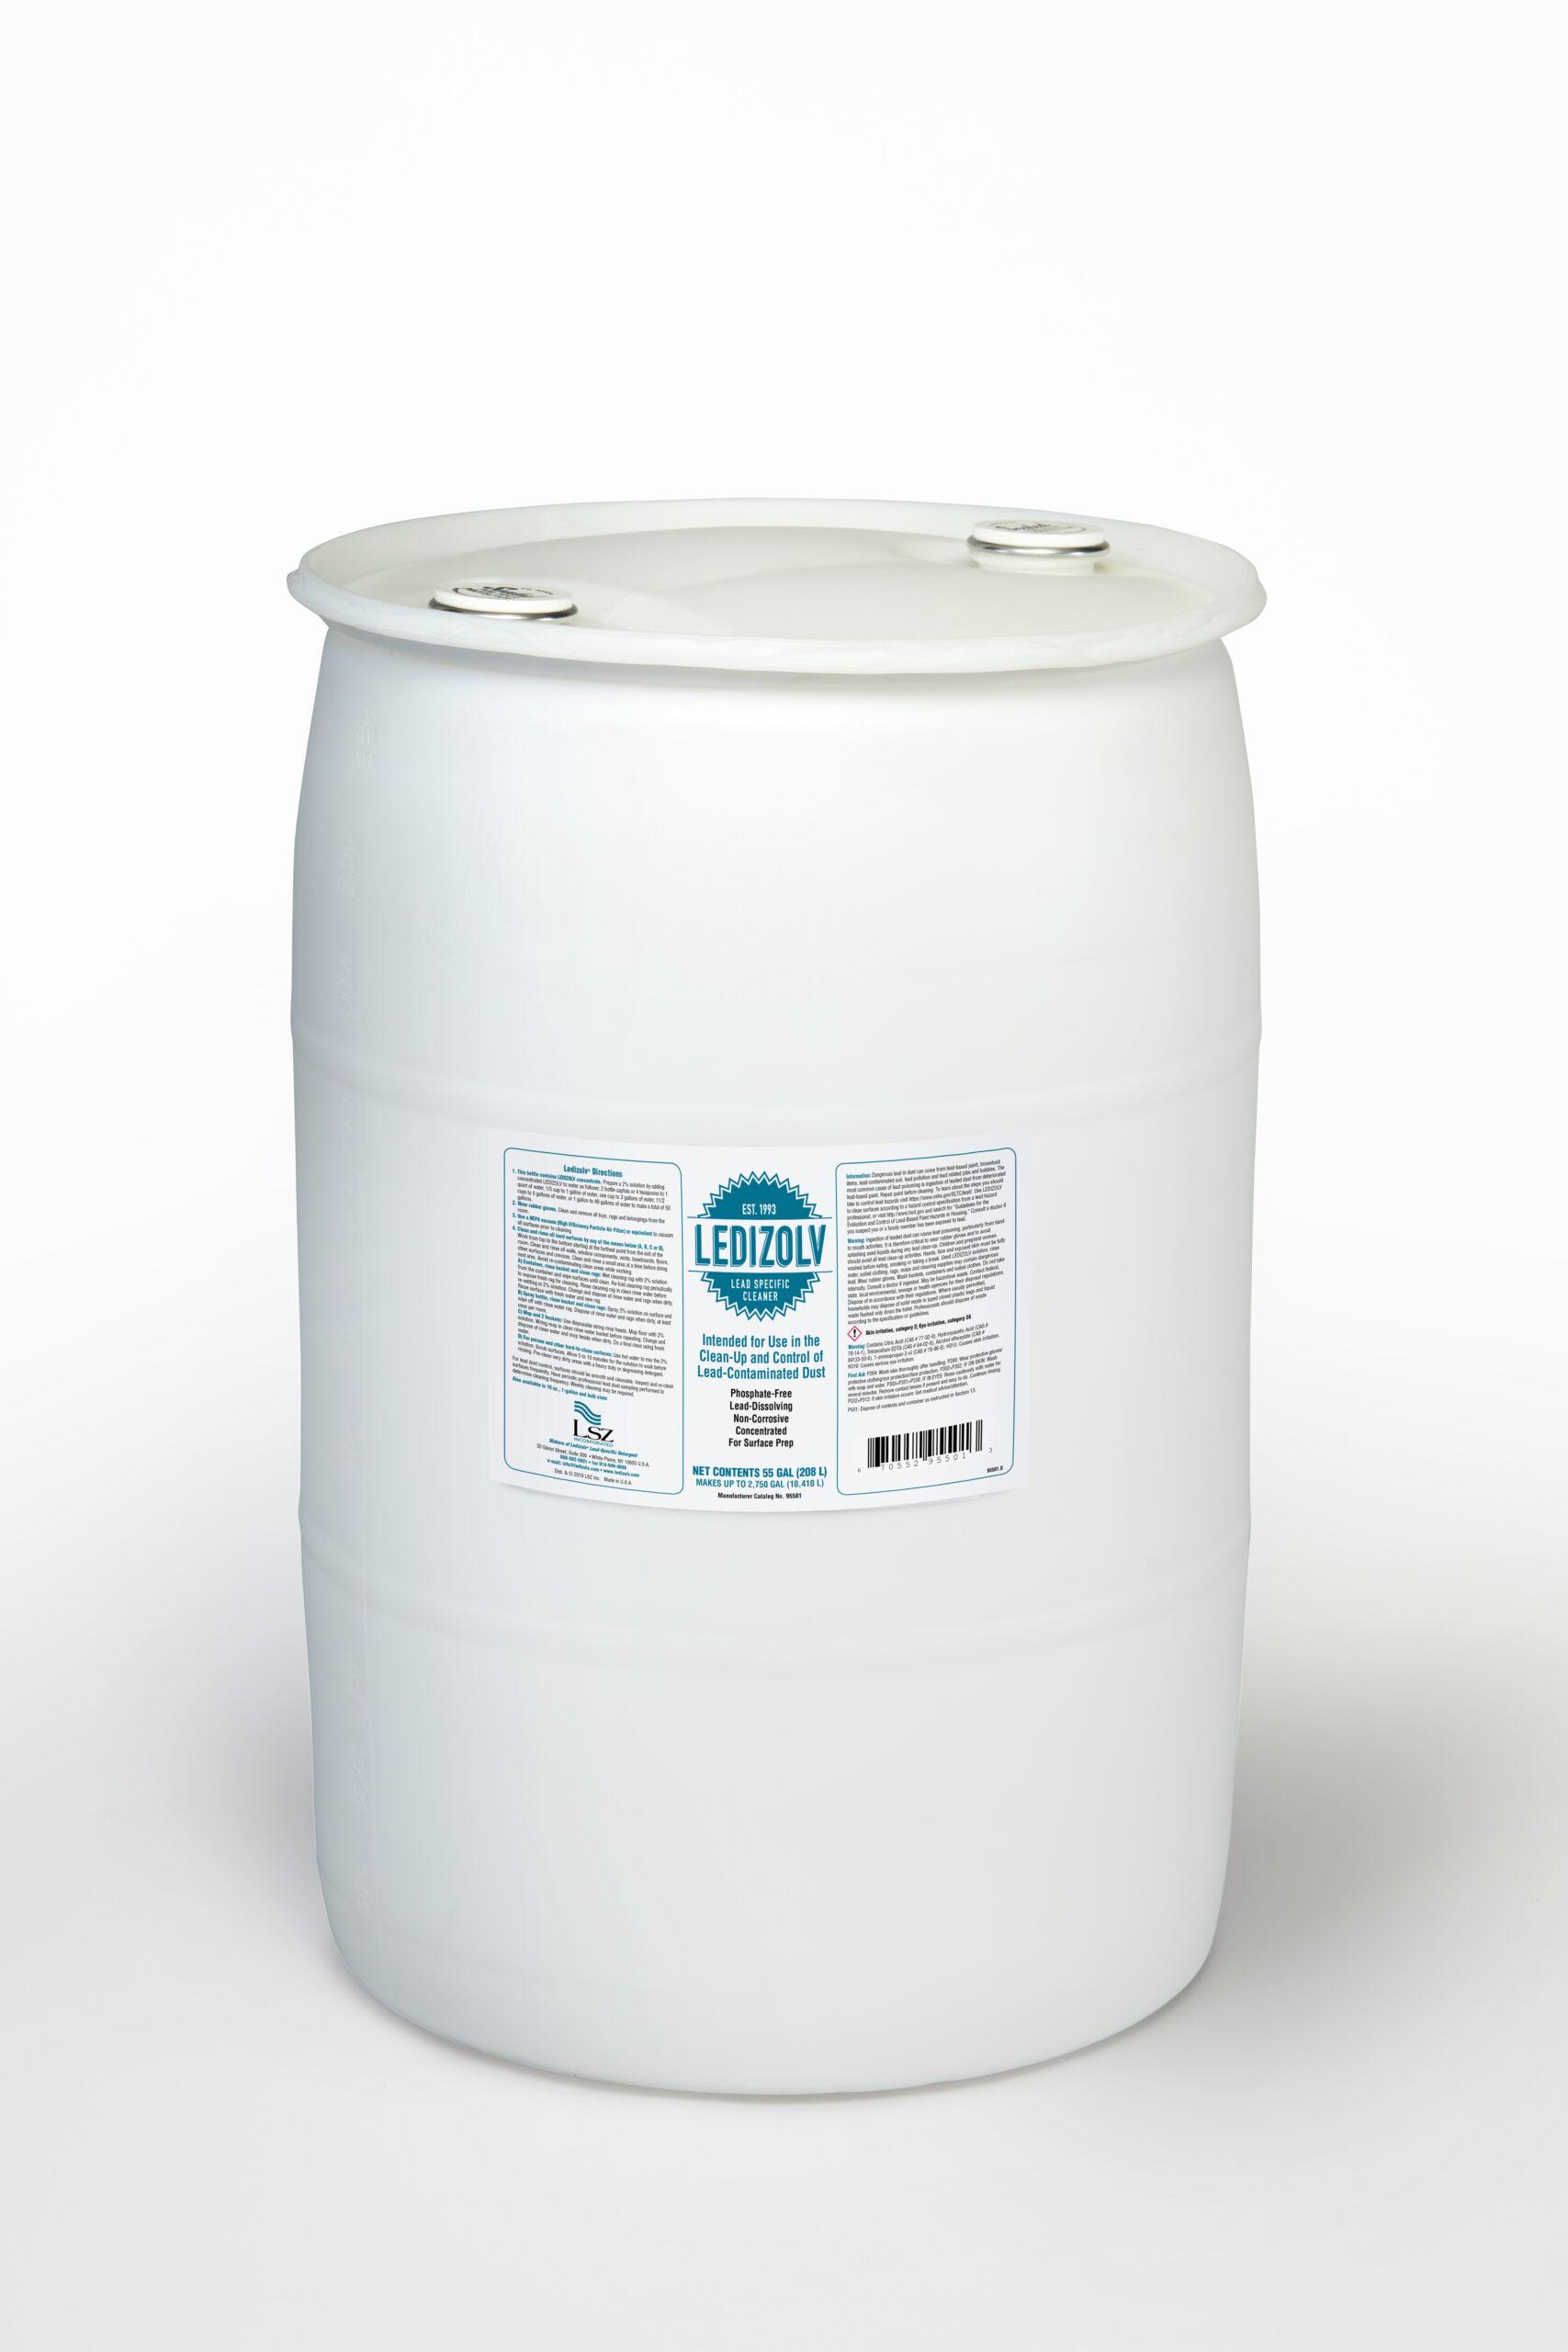 liquinox Size 55 Gallon